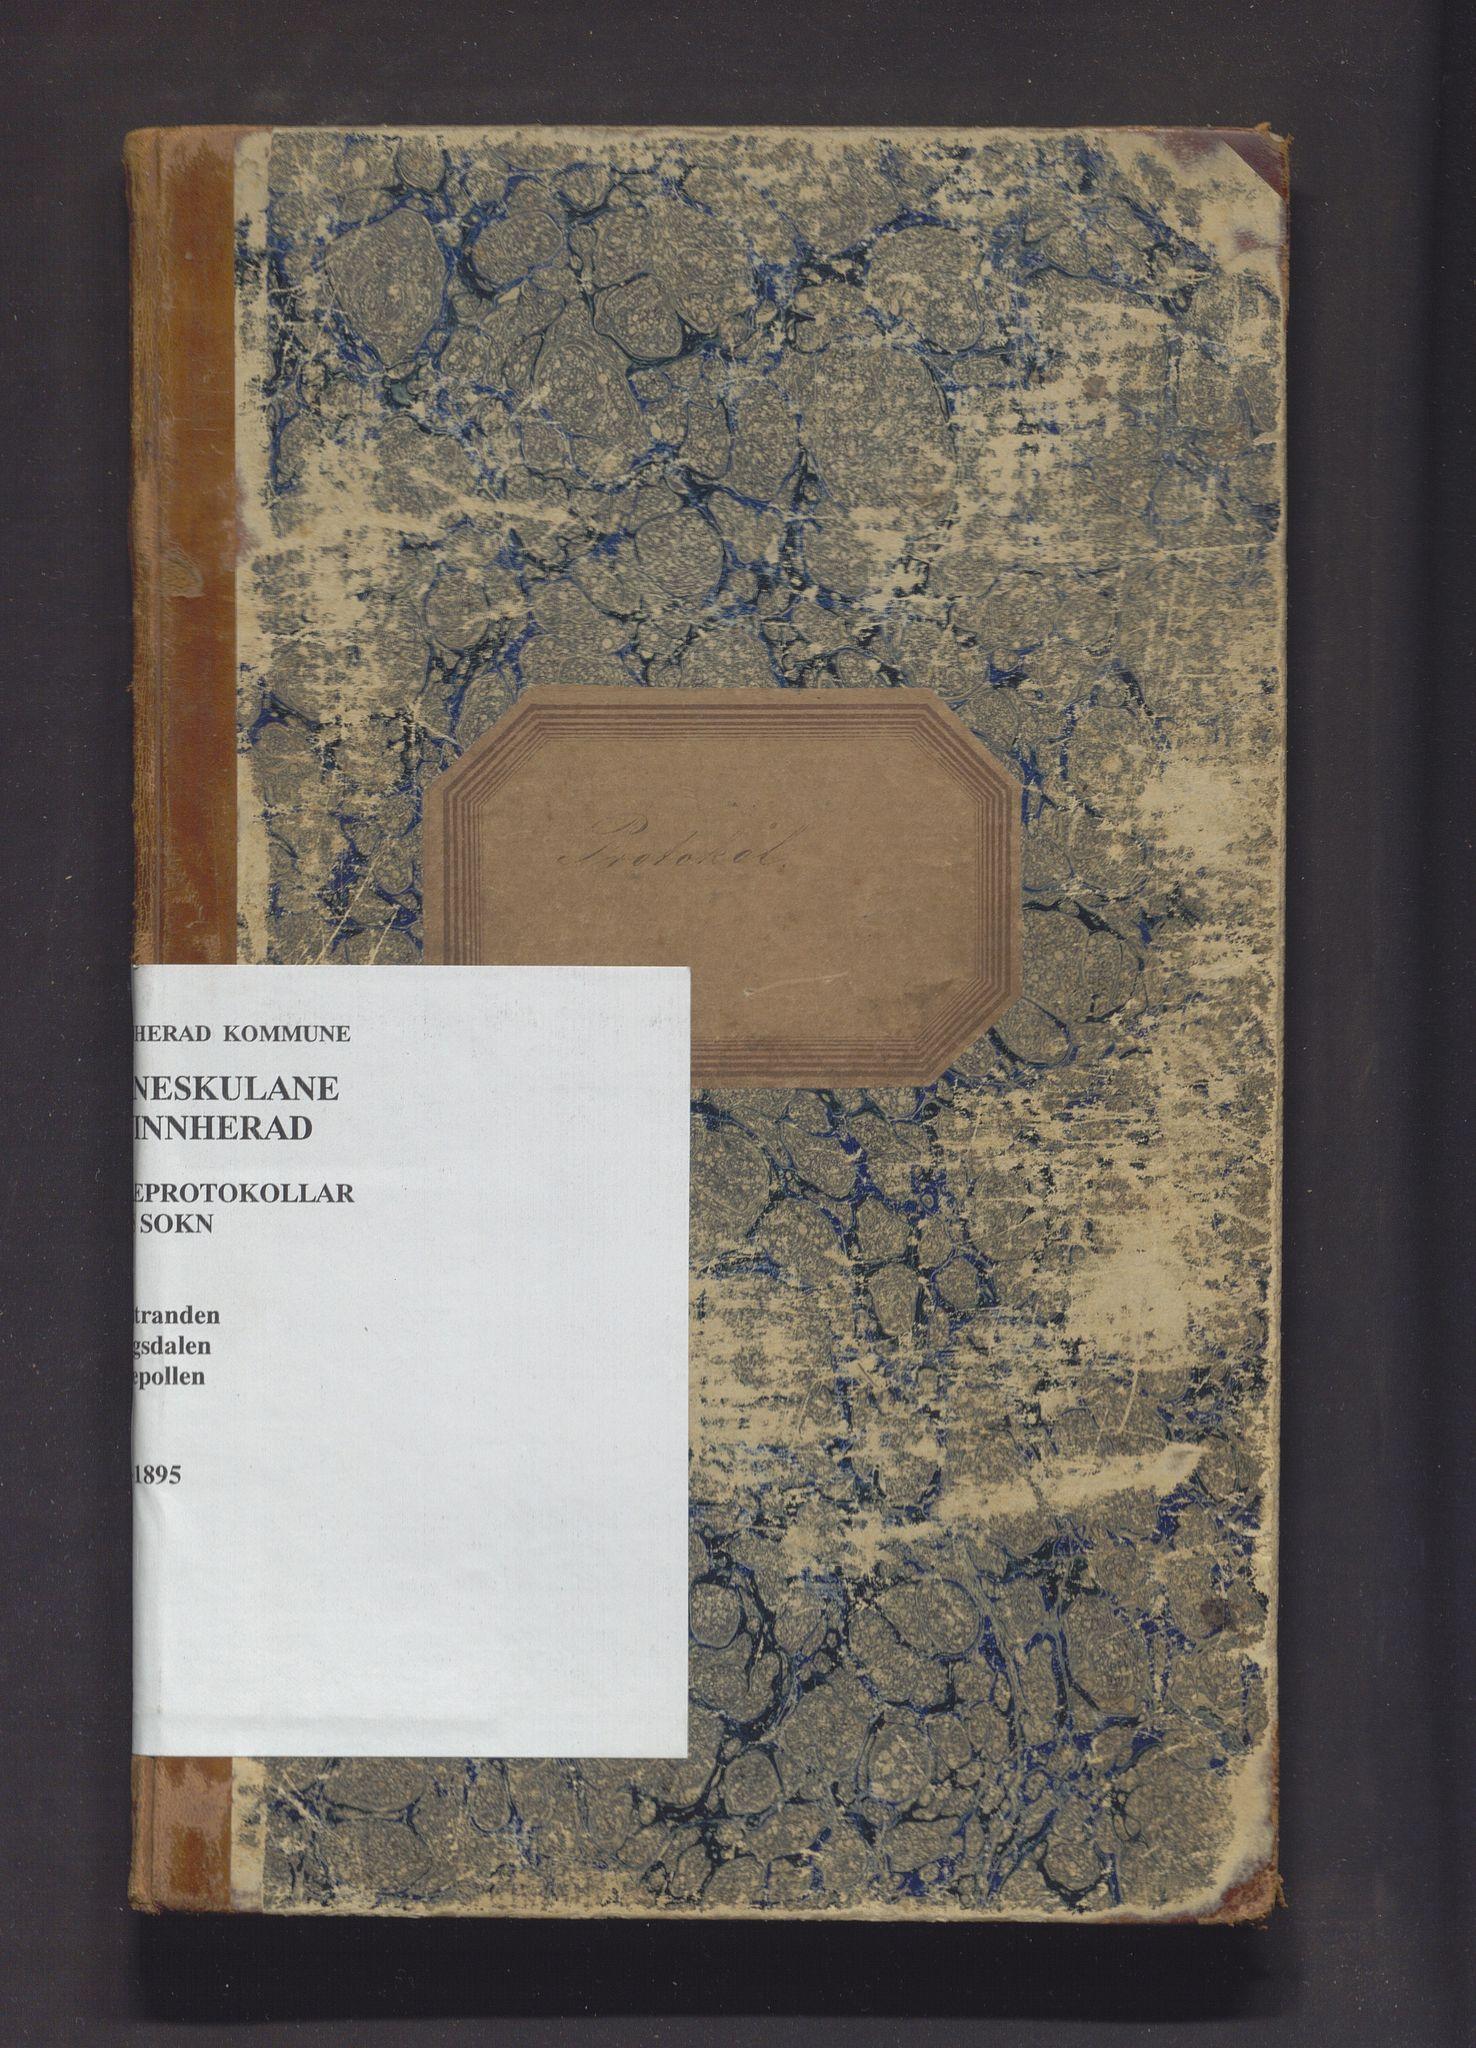 IKAH, Kvinnherad kommune. Barneskulane, F/Fd/L0003: Skuleprotokoll for Årvikstranden, Gjetingsdalen og Nordrepollen krinsar, 1885-1895